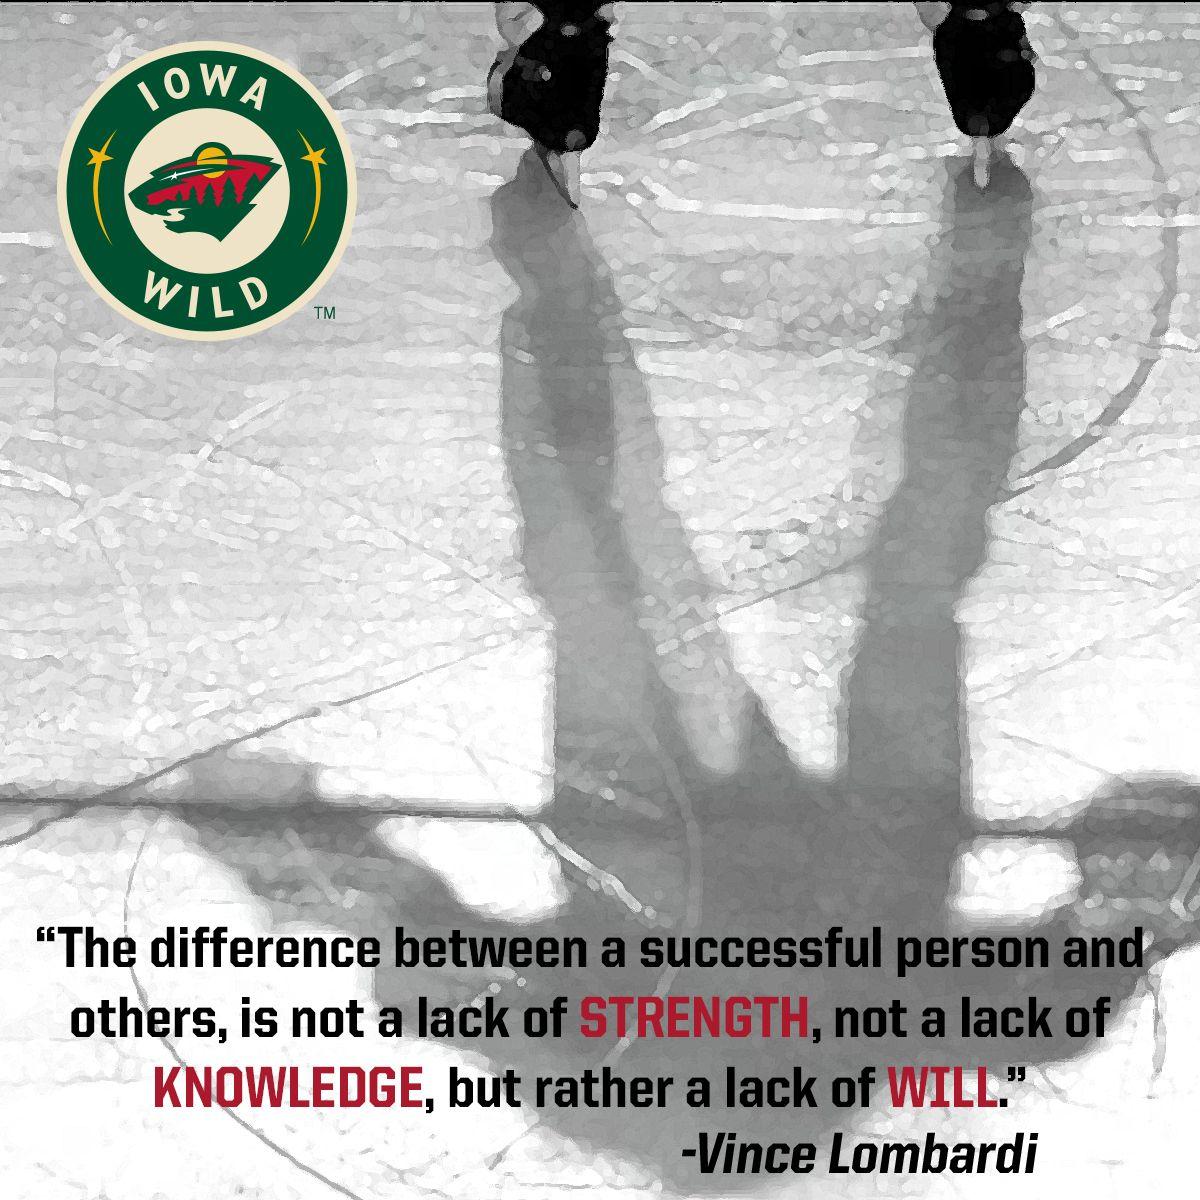 Famous Hockey Quotes Iawild Motivation Hockey Quotes  Motivation  Pinterest